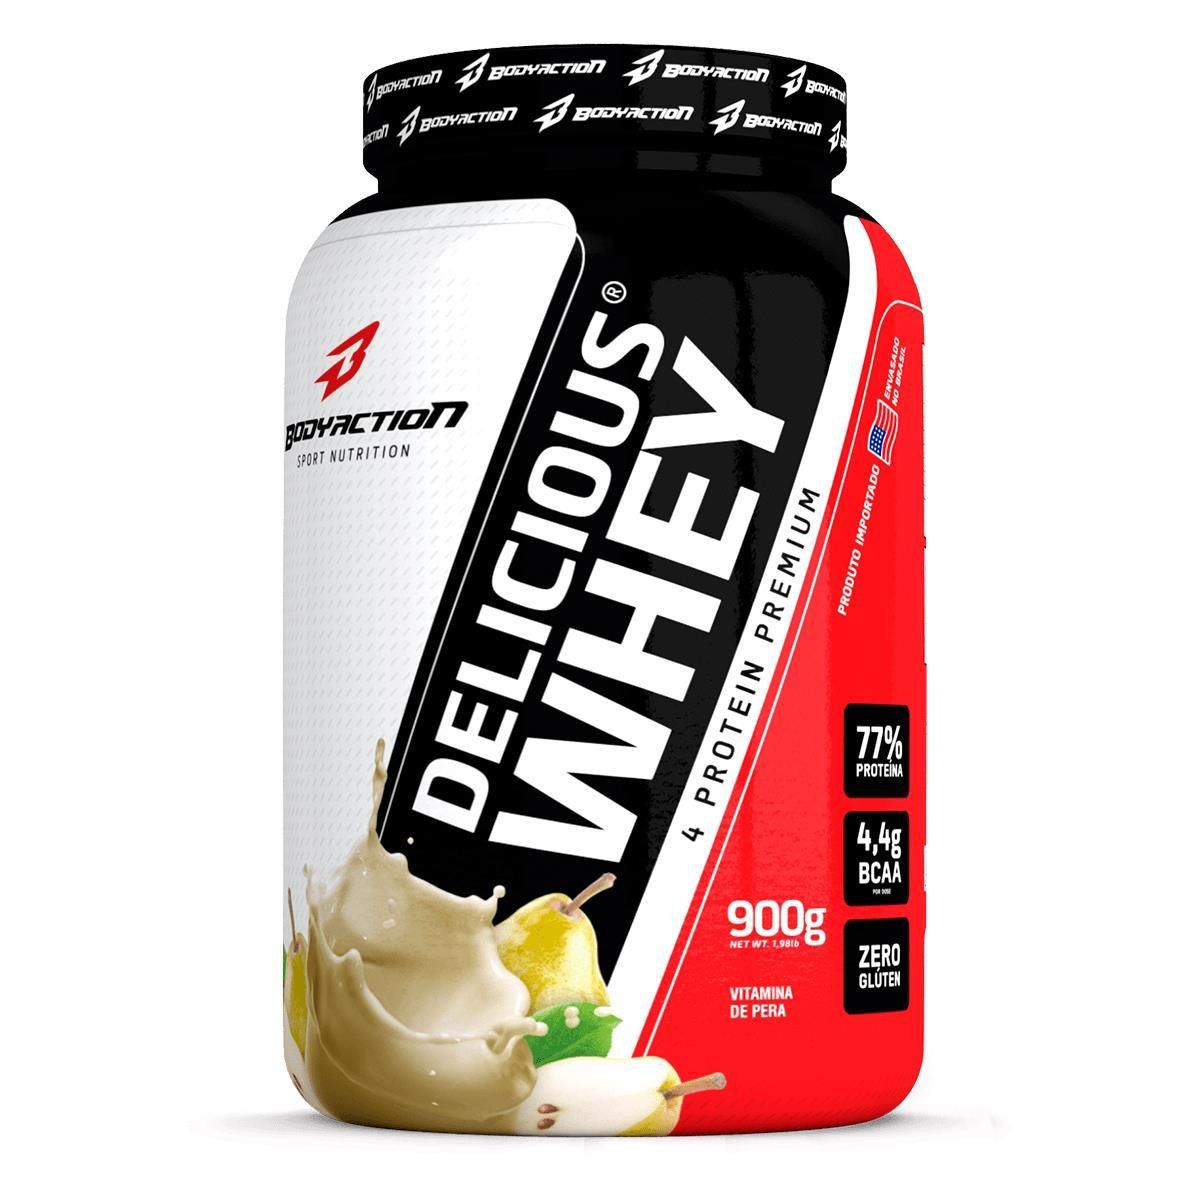 Proteina Whey Protein Delicious Whey Isolada 900g BodyAction